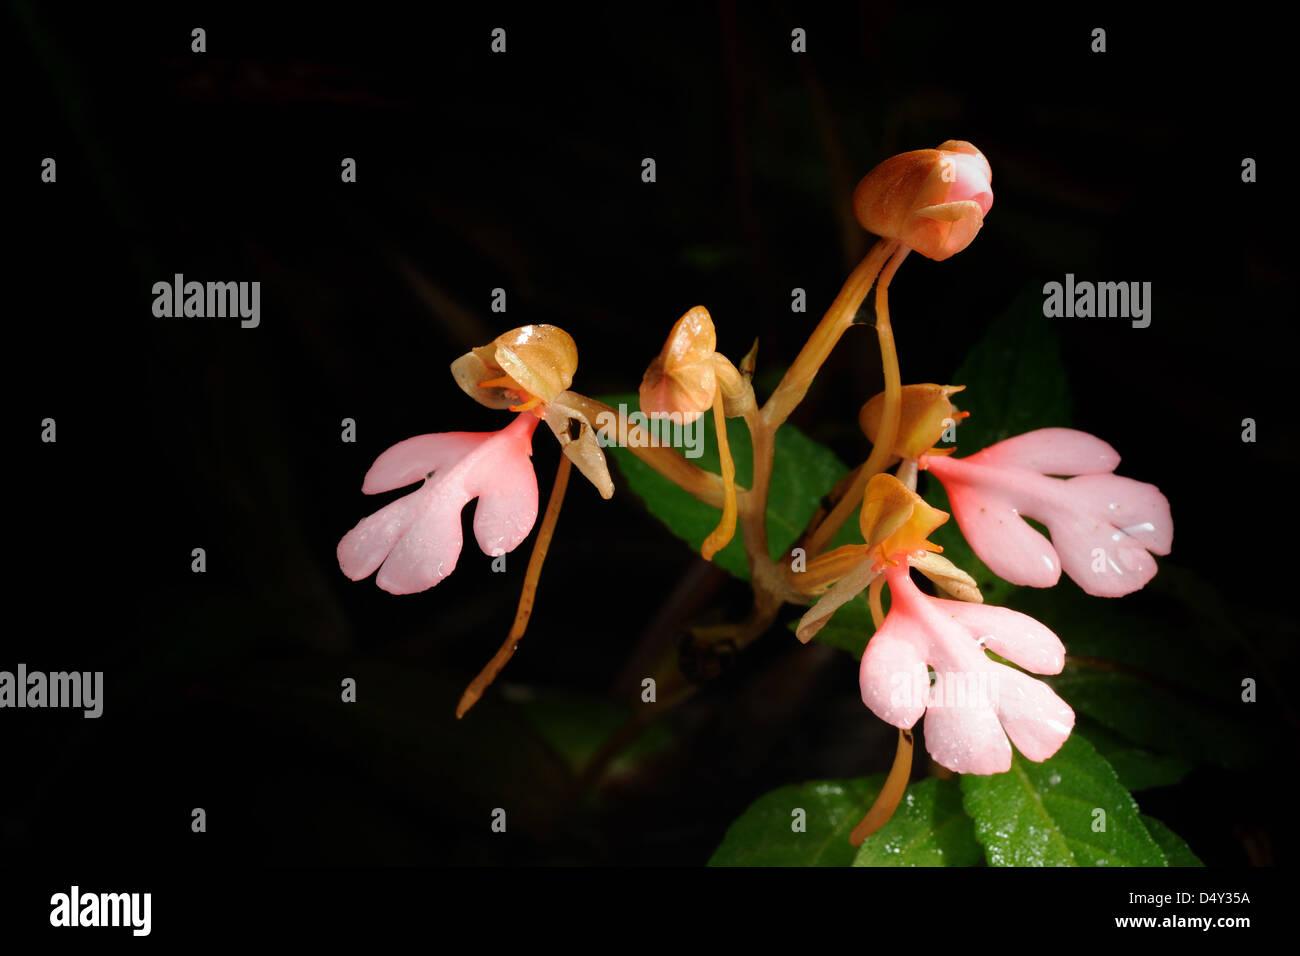 Le Pink-Lipped Habenaria (Snap Dragon rose fleur) trouvés dans les forêts tropicales humides,NationalPark Thailand. Banque D'Images